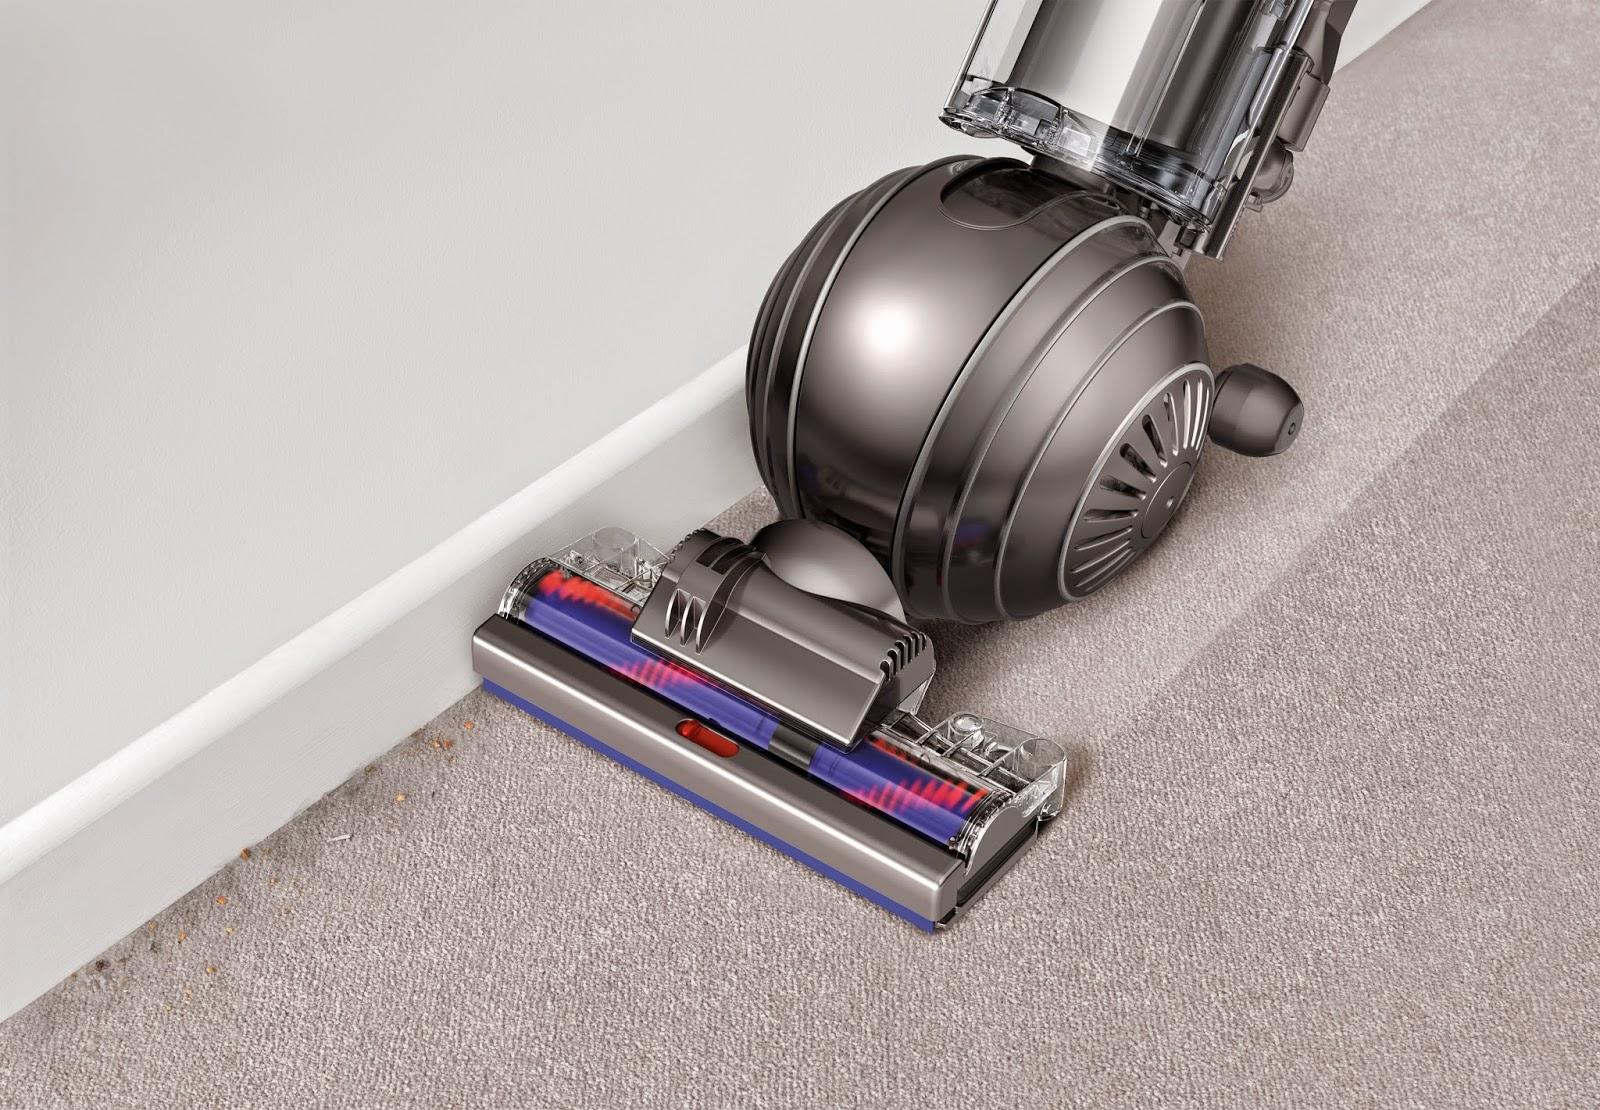 Repair dyson vacuum cleaners дайсон насадка для мебели